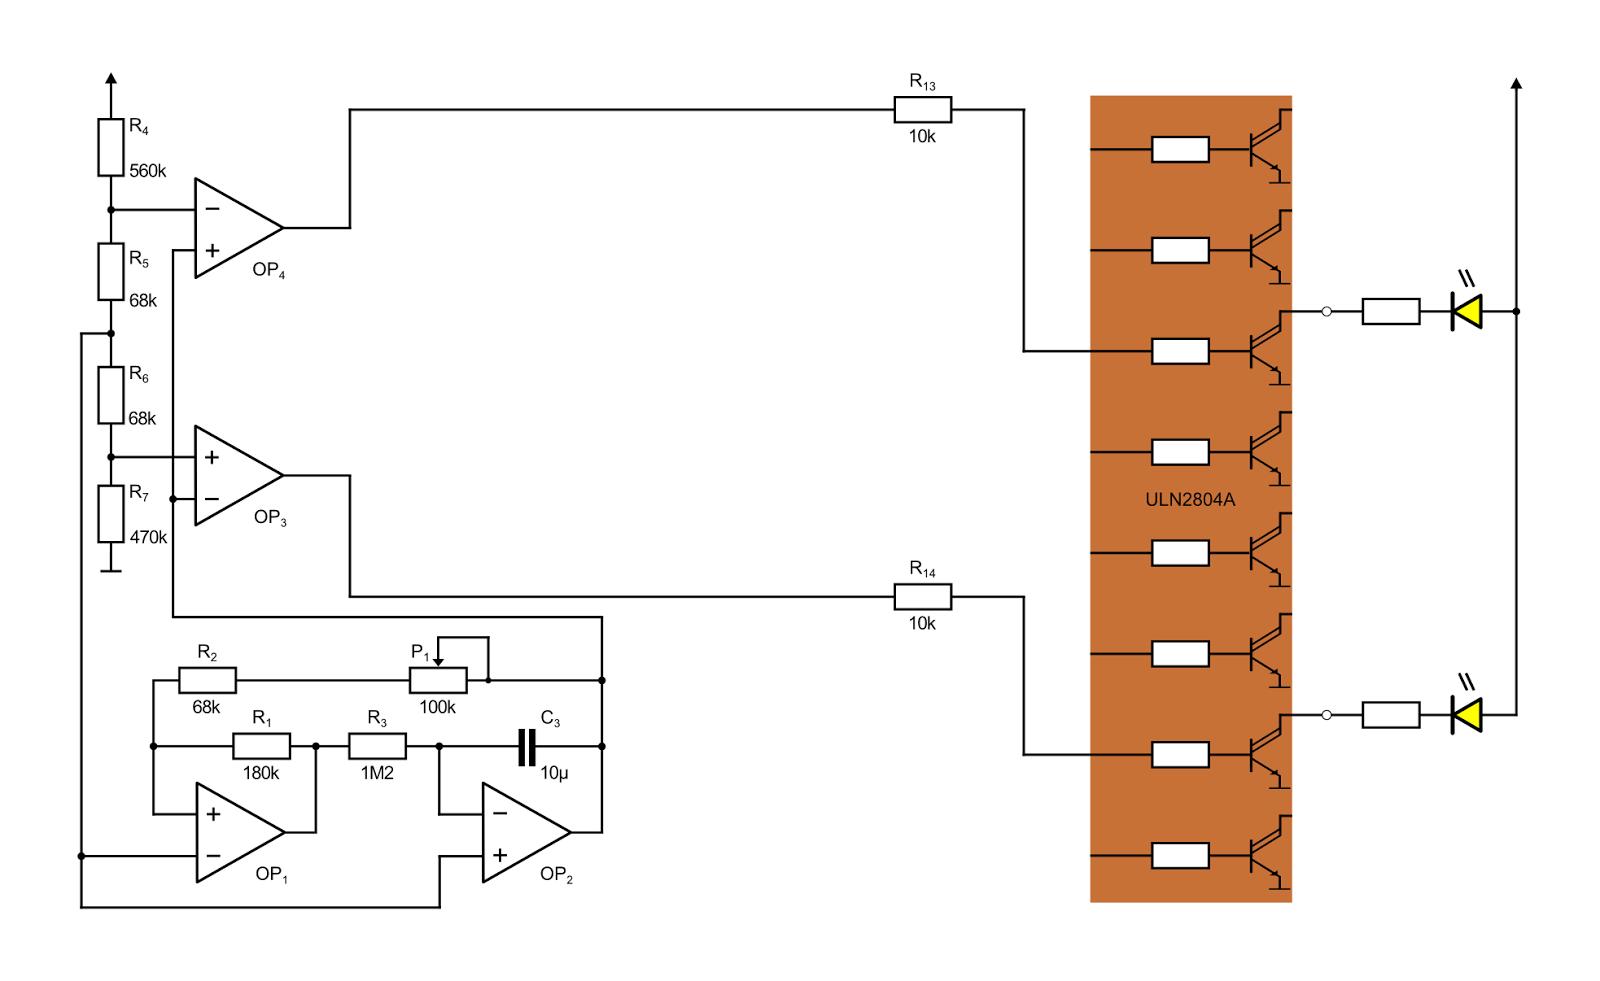 Modellbahn-Technik-Blog: Ampelsteuerung mit Operationsverstärkern